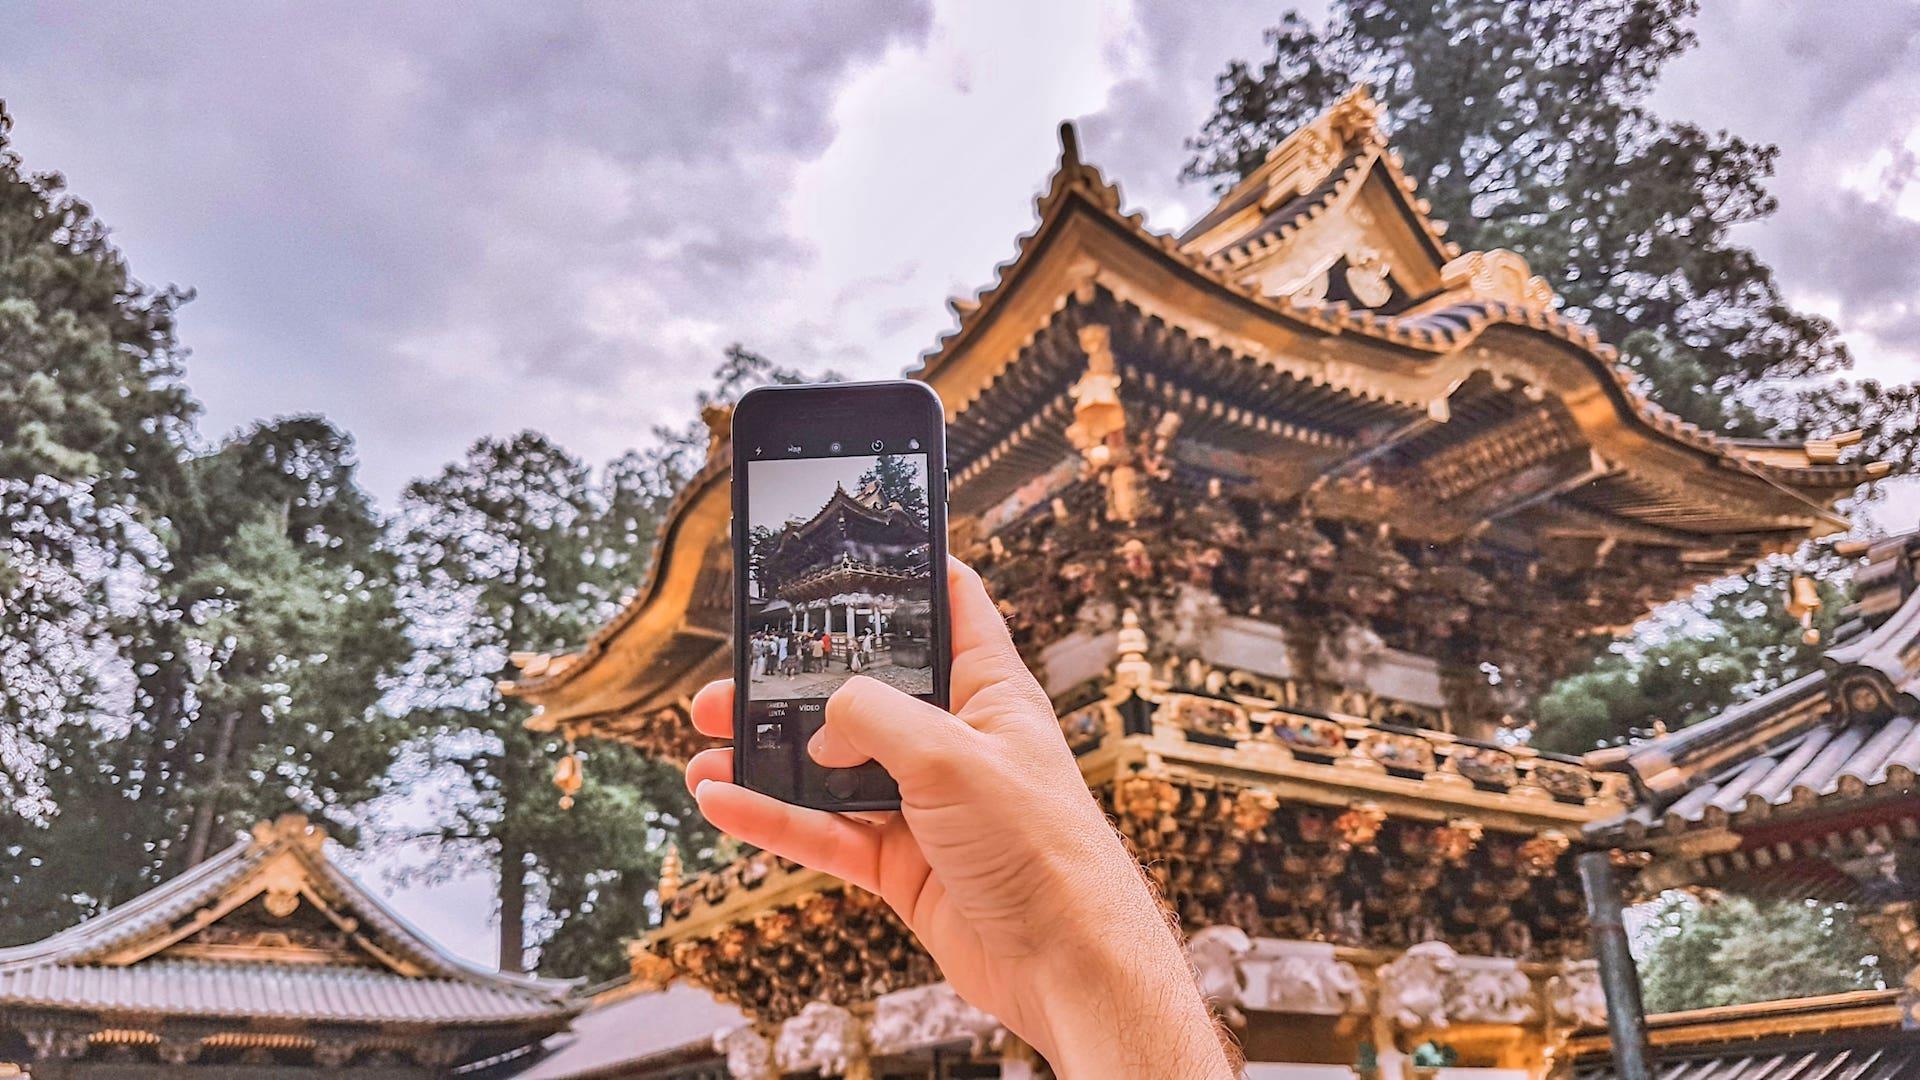 internet no celular no exterior - Chip de internet internacional - Toshogu em Nikko